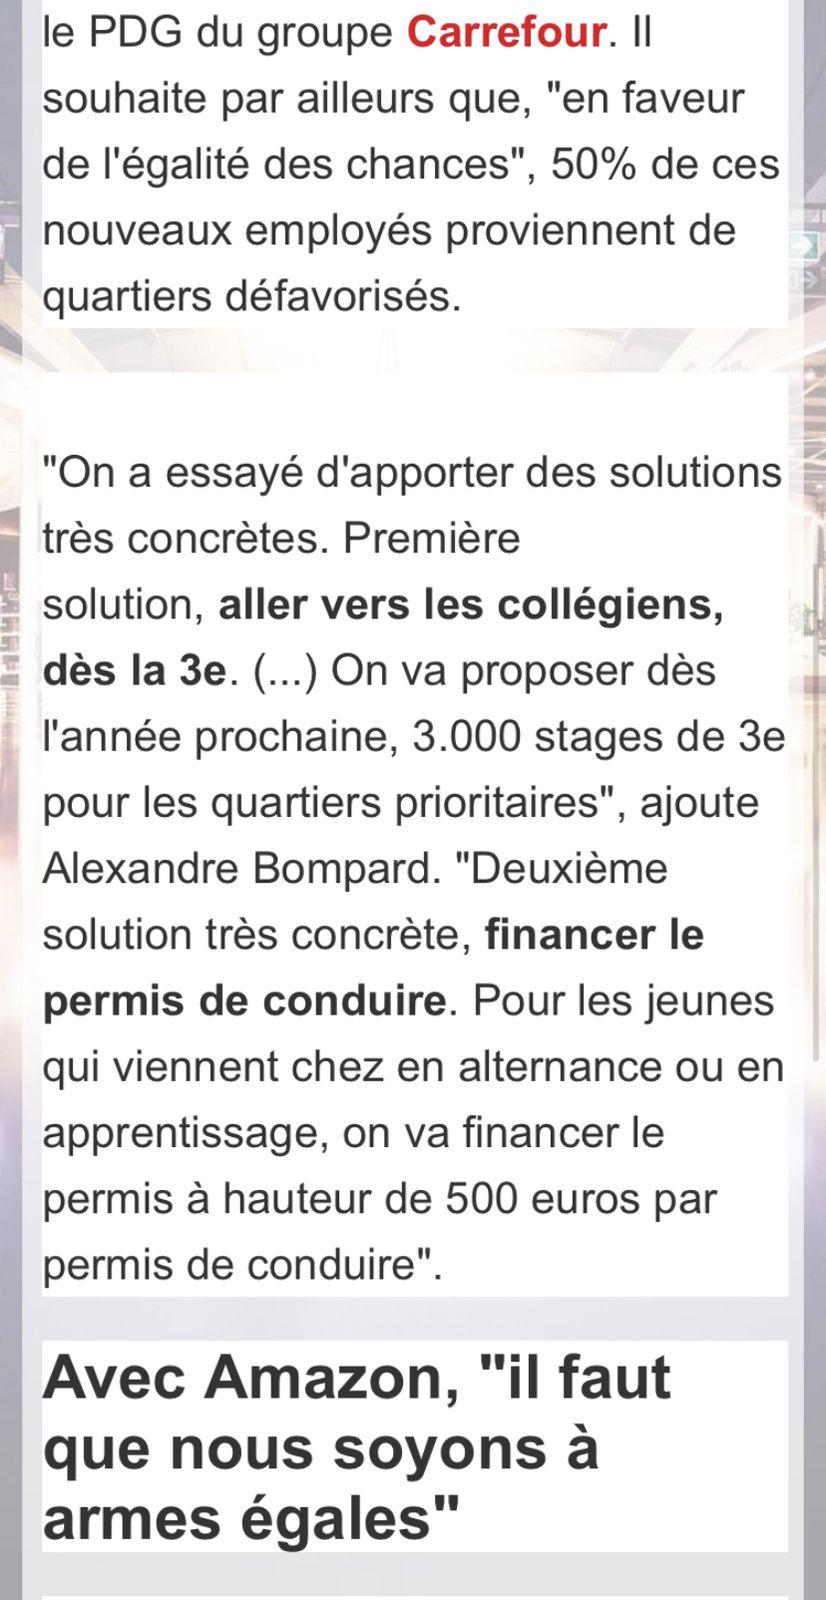 Carrefour «embauchera 15.000 jeunes en 2021 ,annonce son PDG Alexandre Bompard sur RTL